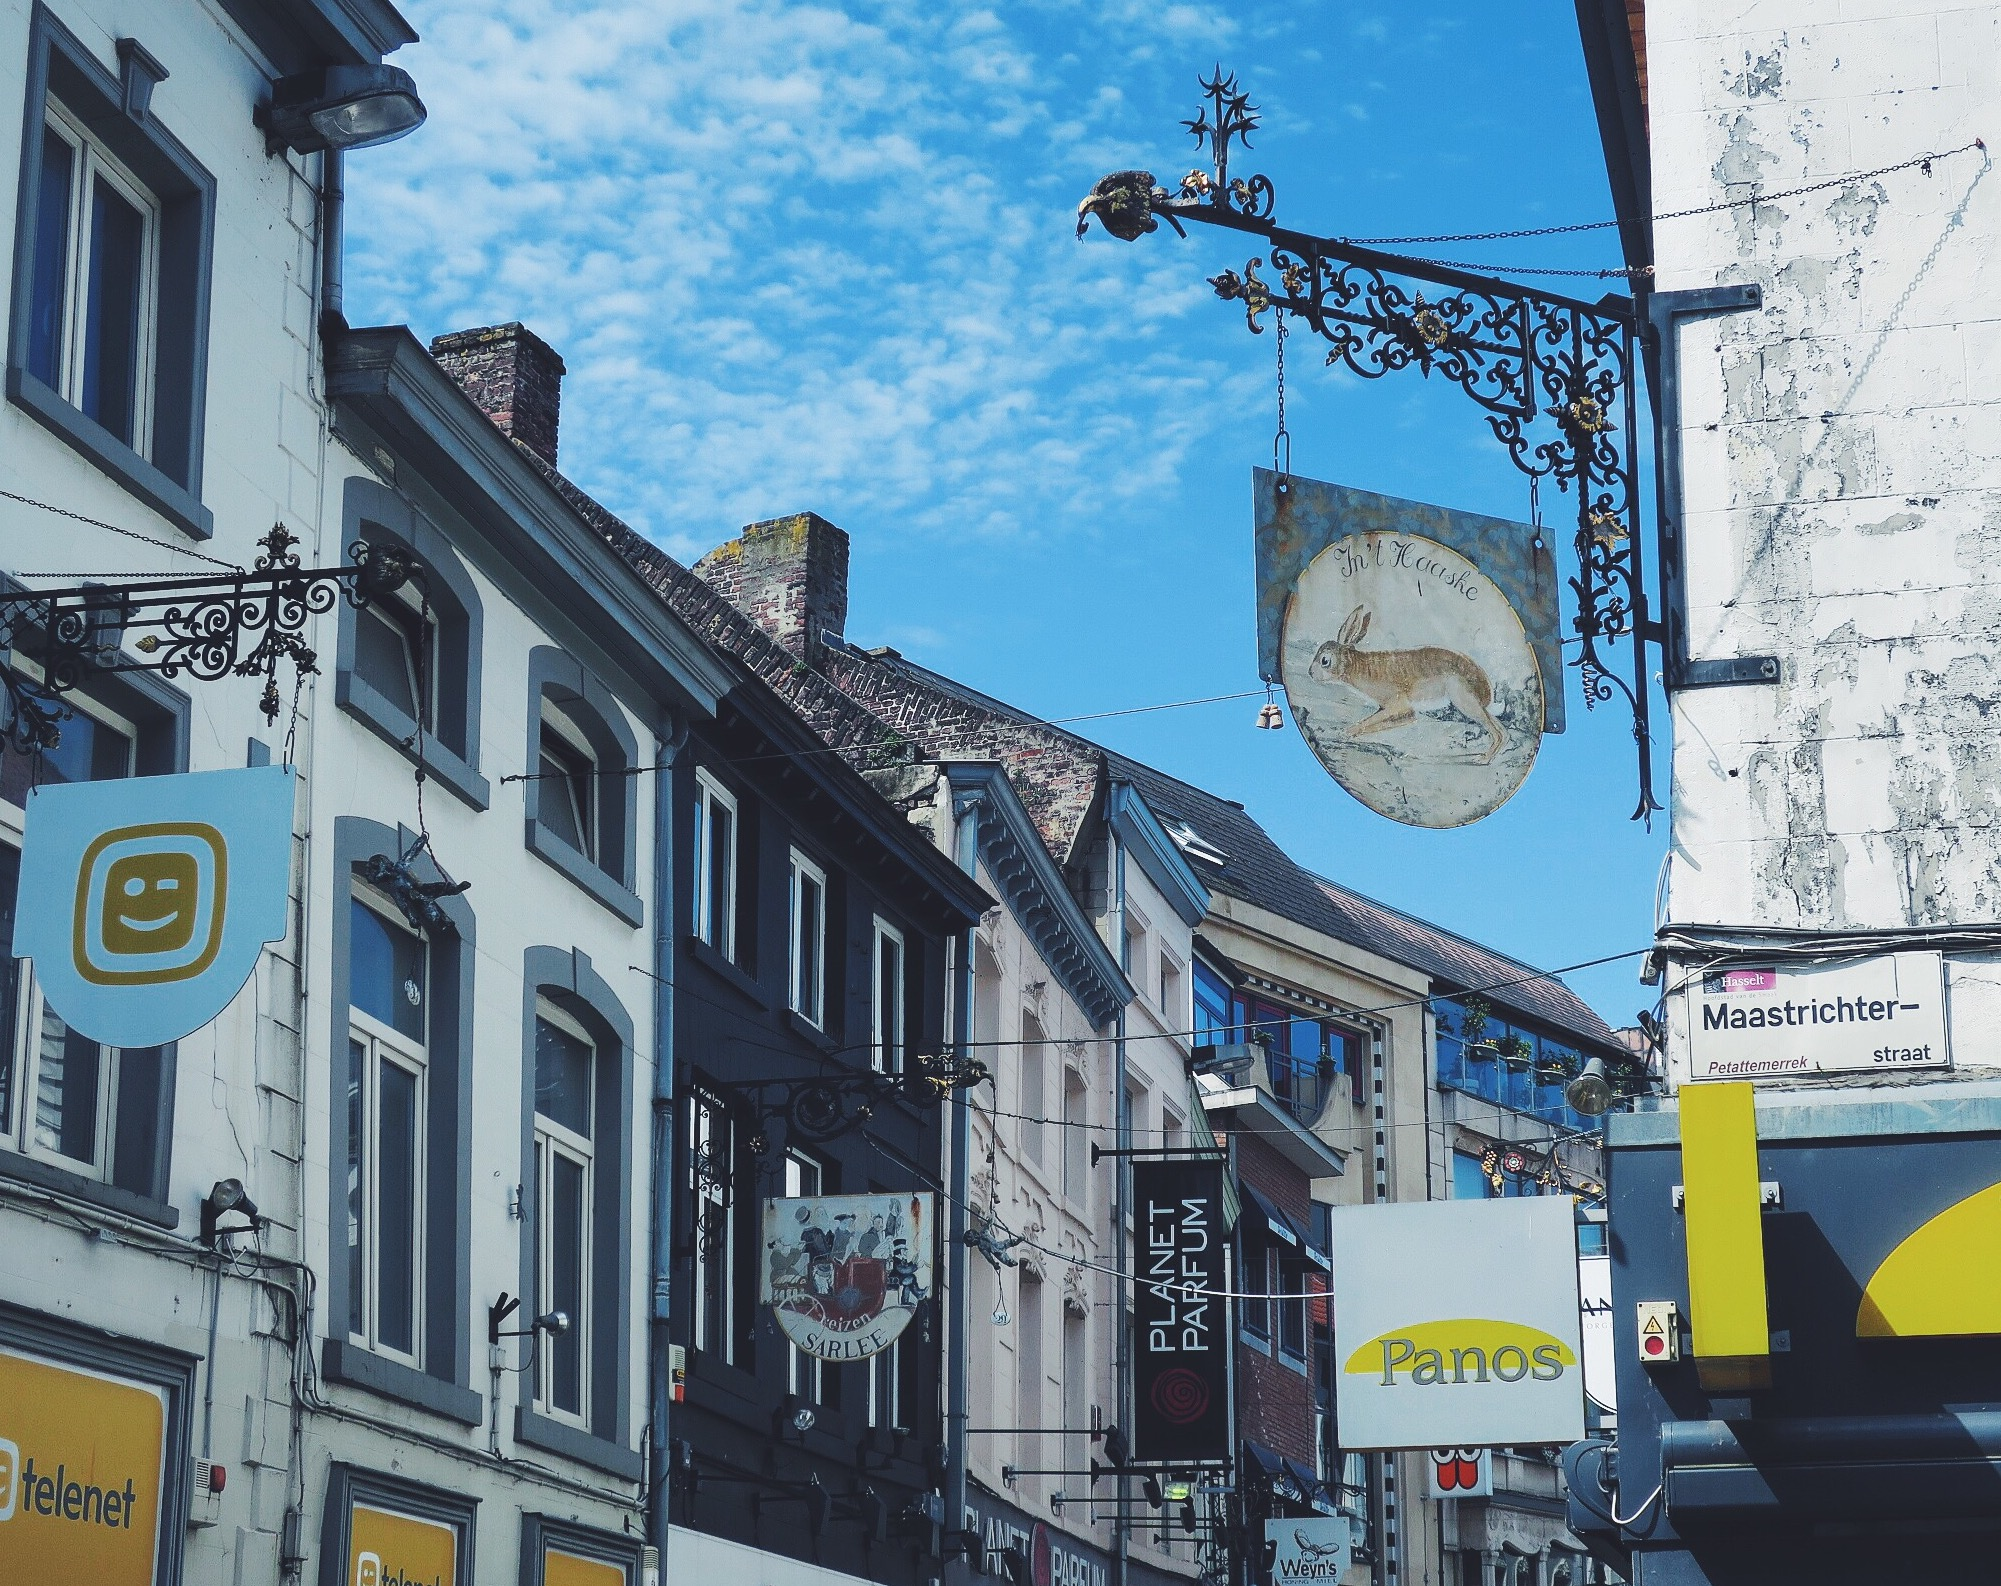 Maastrichterstraat